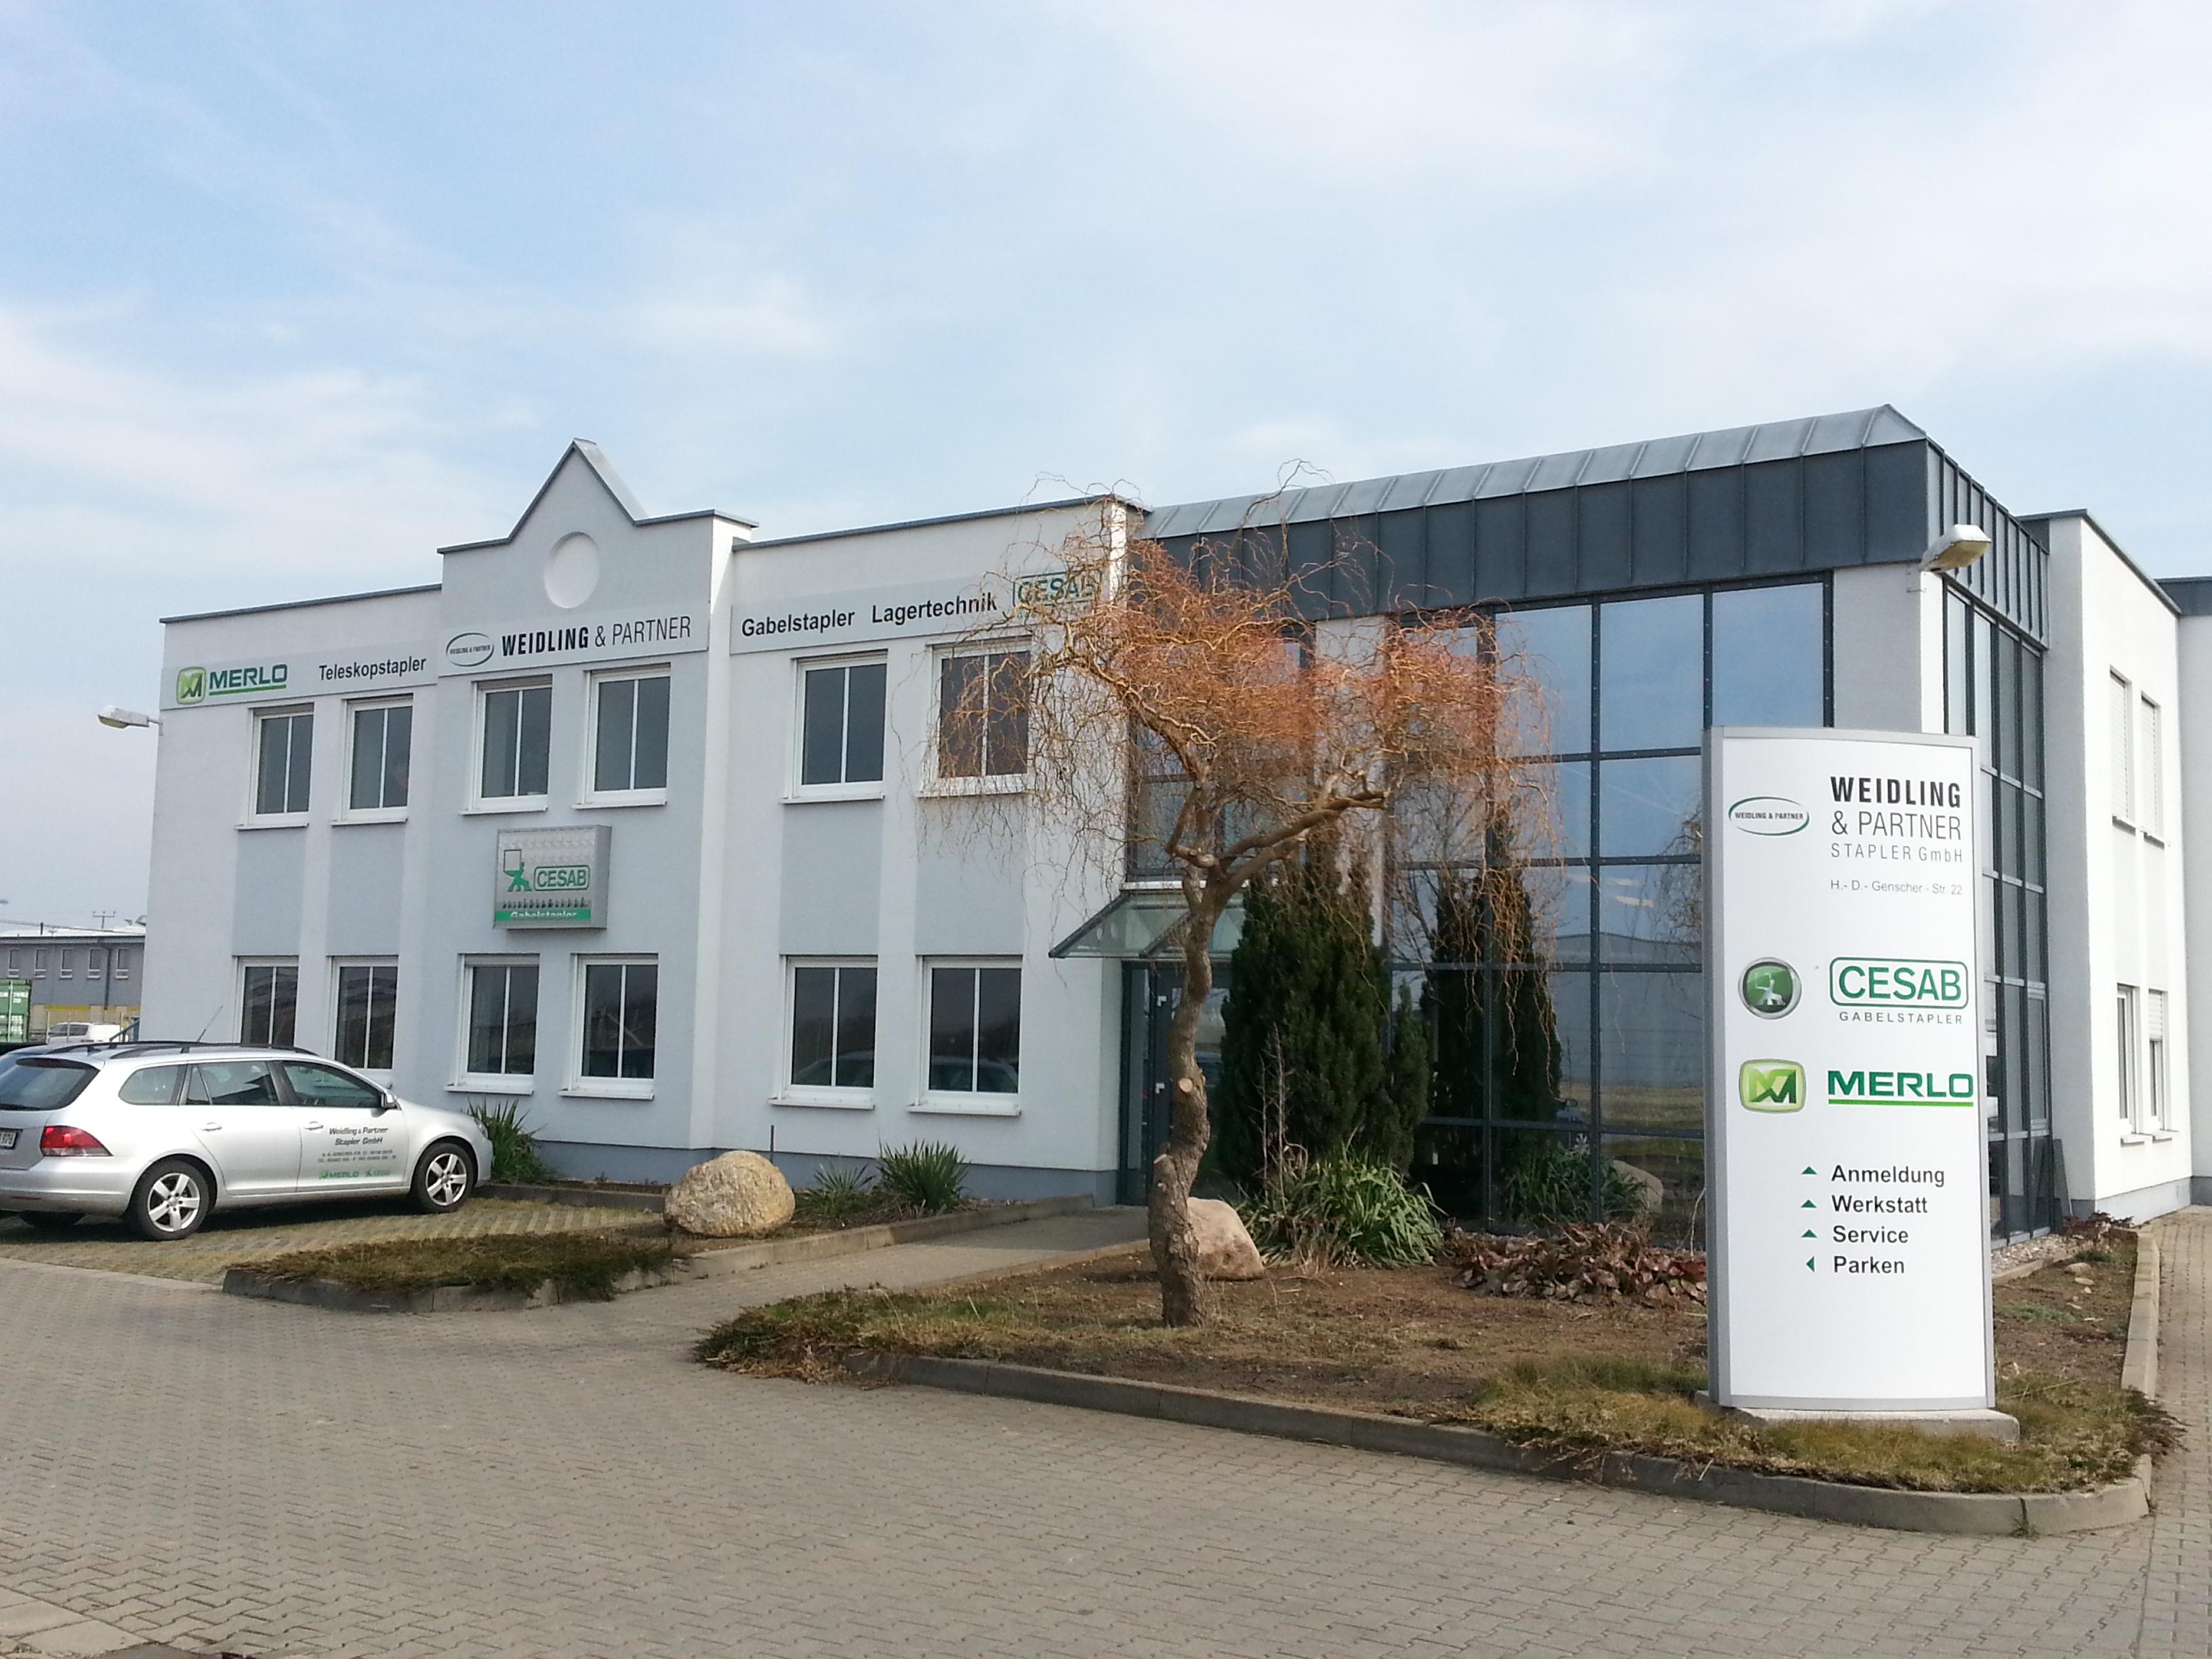 Weidling & Partner Stapler GmbH